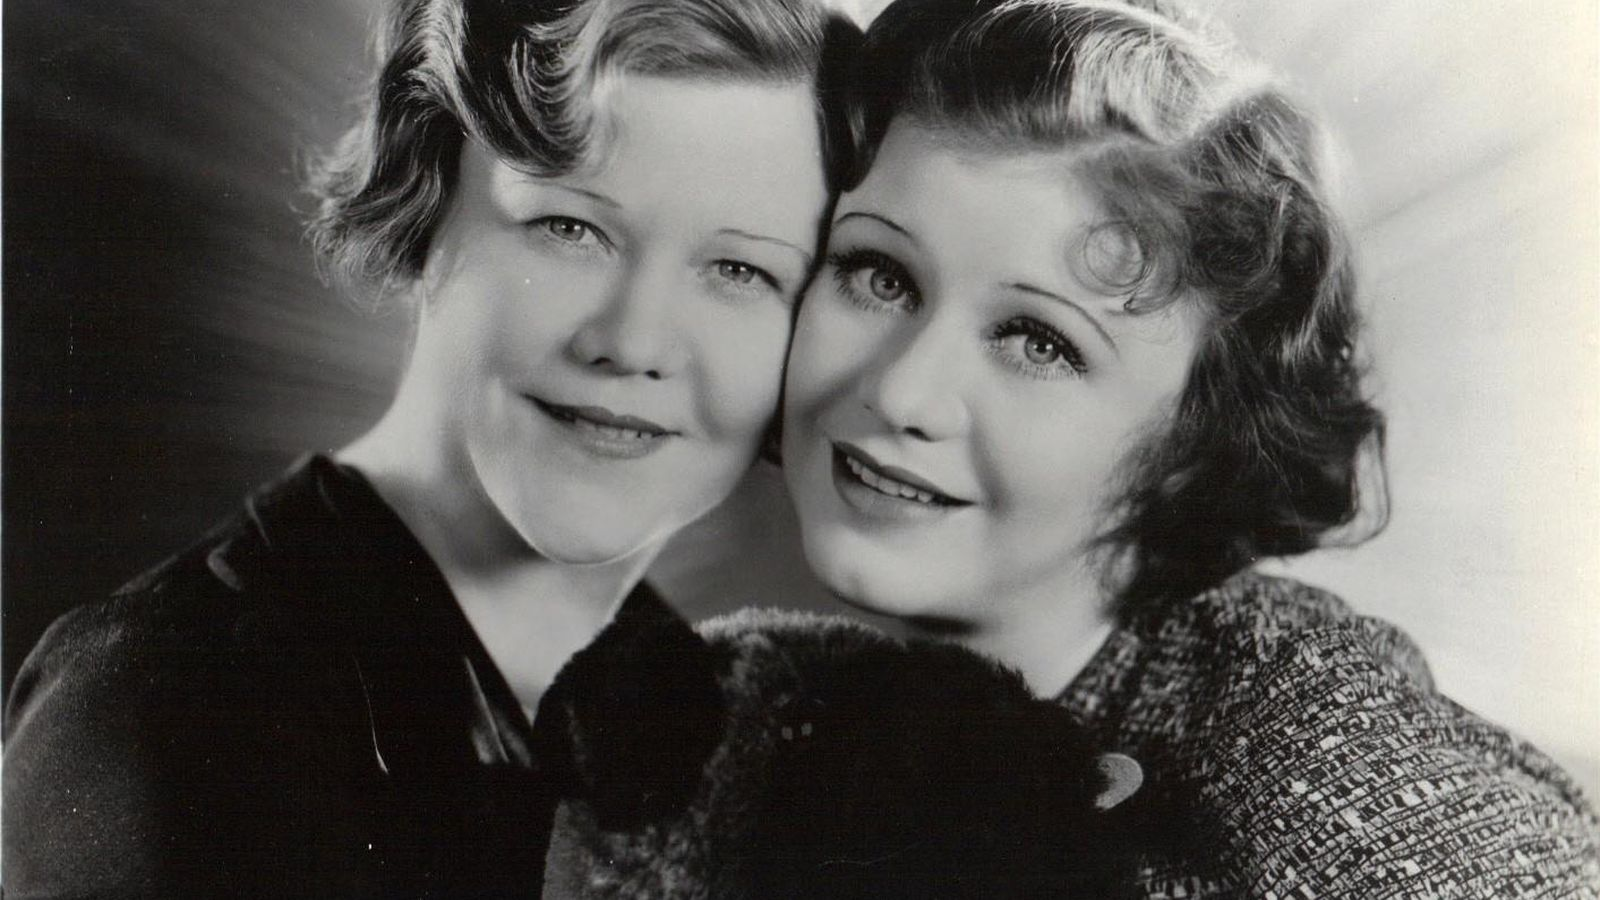 Foto: Lela y su hija al principio de su carrera.